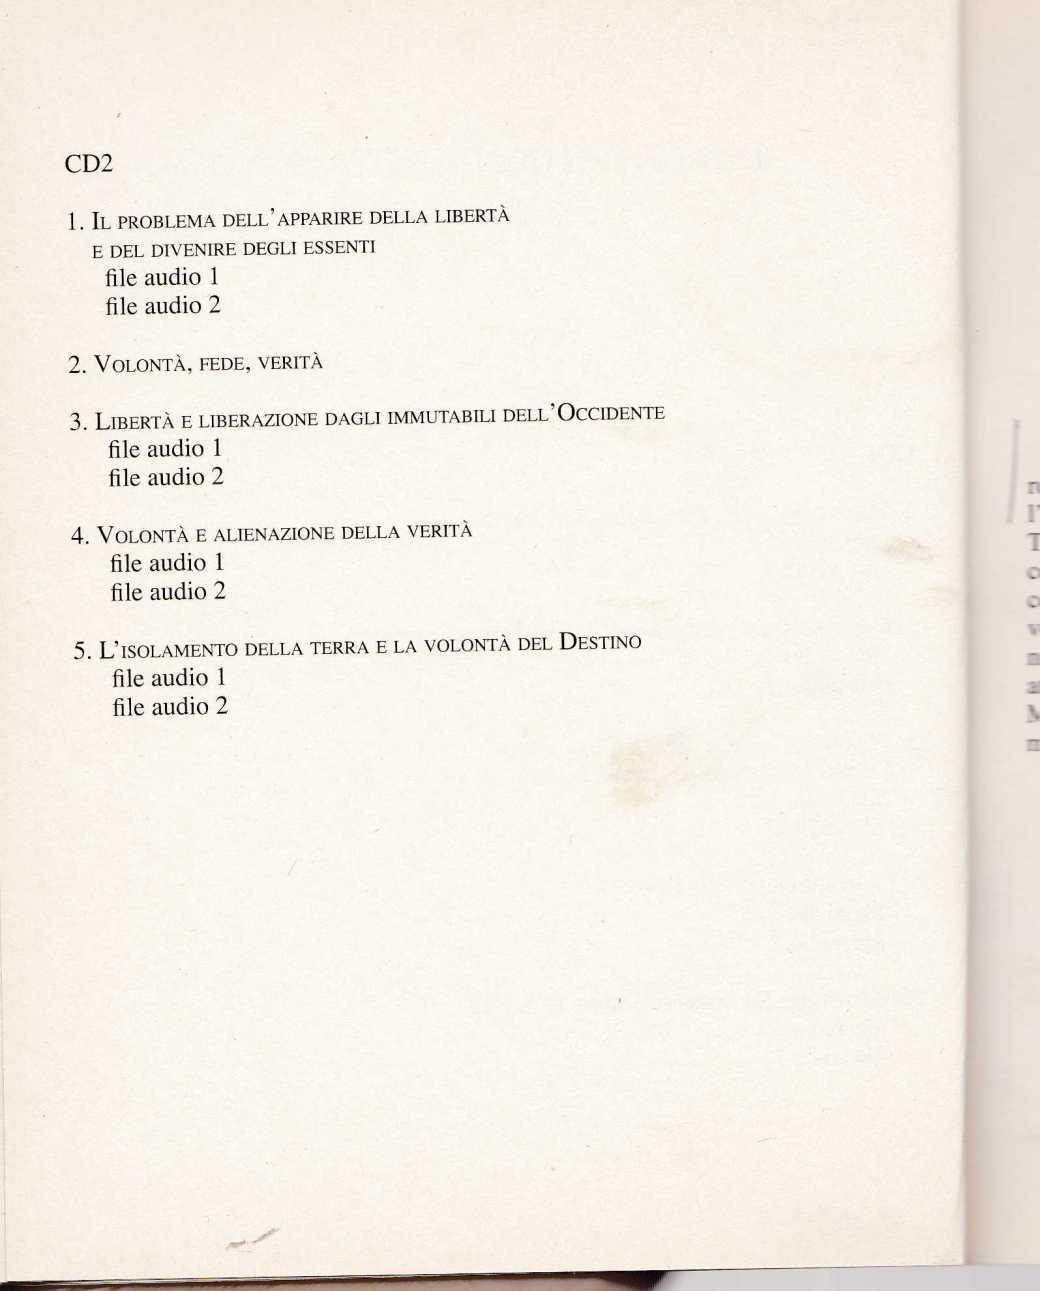 SEVERINO MIMESIS1909